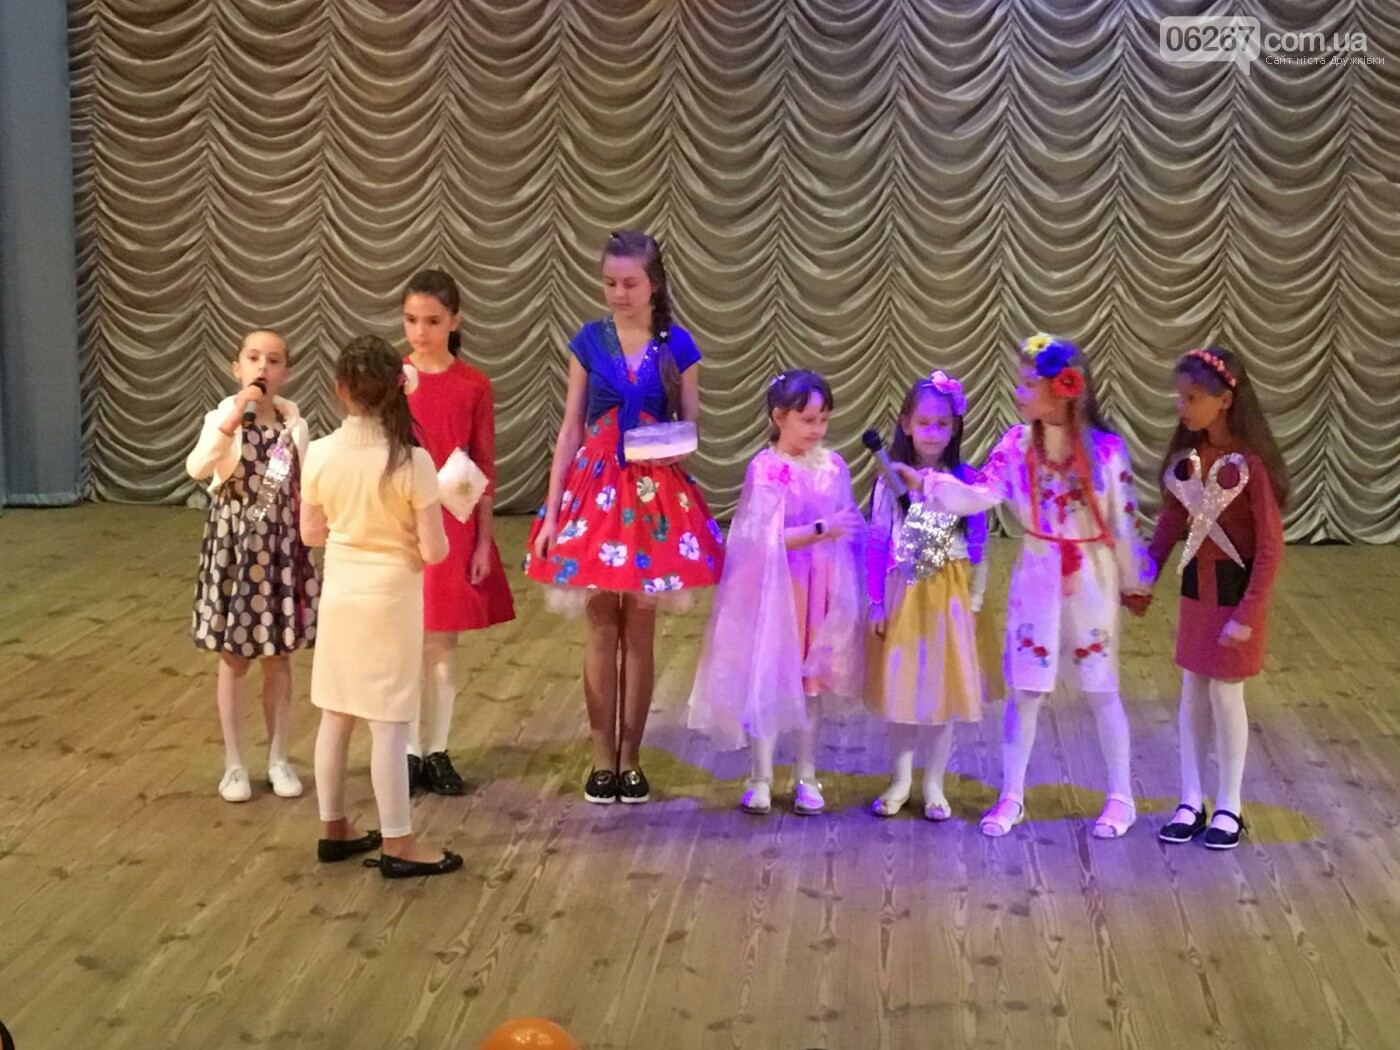 В Дружковке в честь Дня художника наградили юных творцов, фото-2